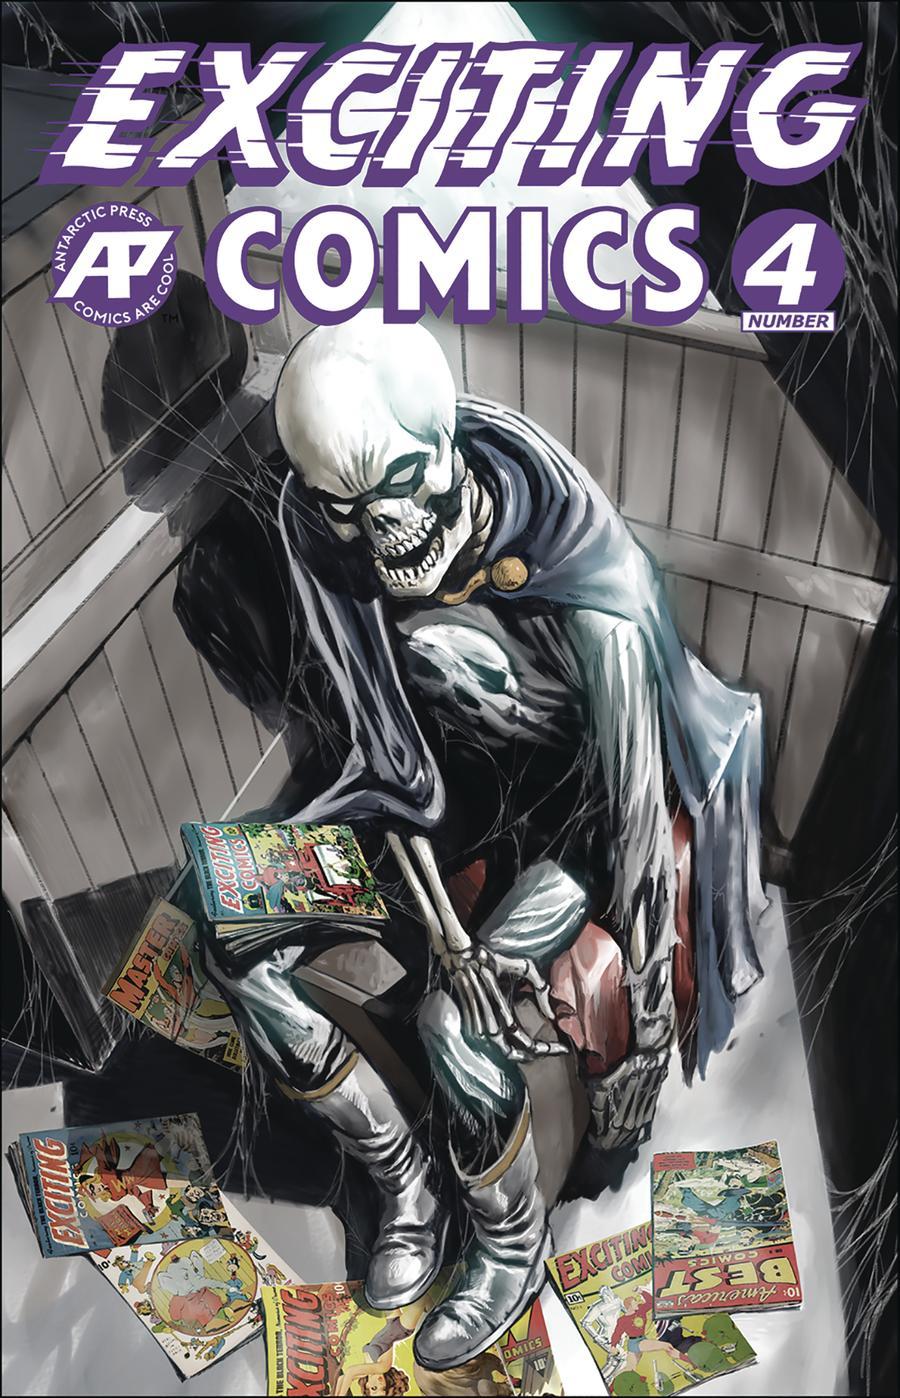 Exciting Comics Vol 2 #4 Cover A Regular David Hutchison Cover